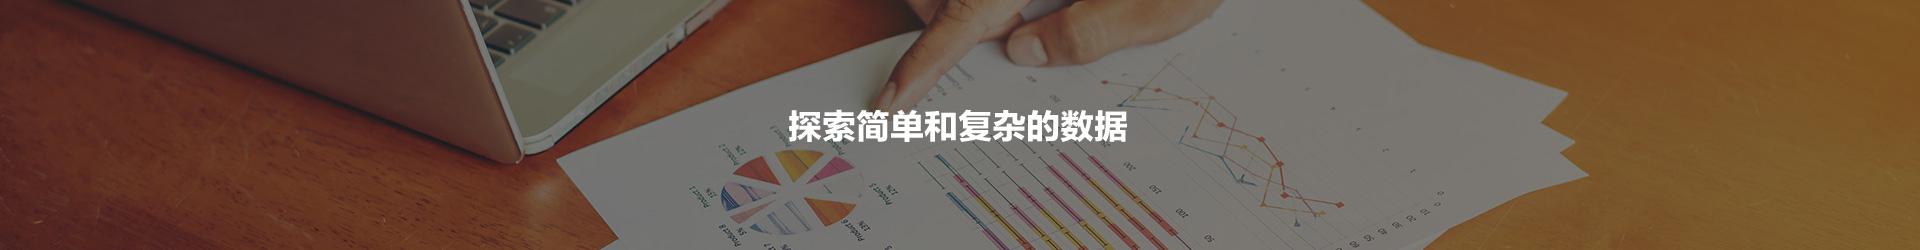 丰富的数据源_解决方案_山东普邦信息技术有限公司官方网站